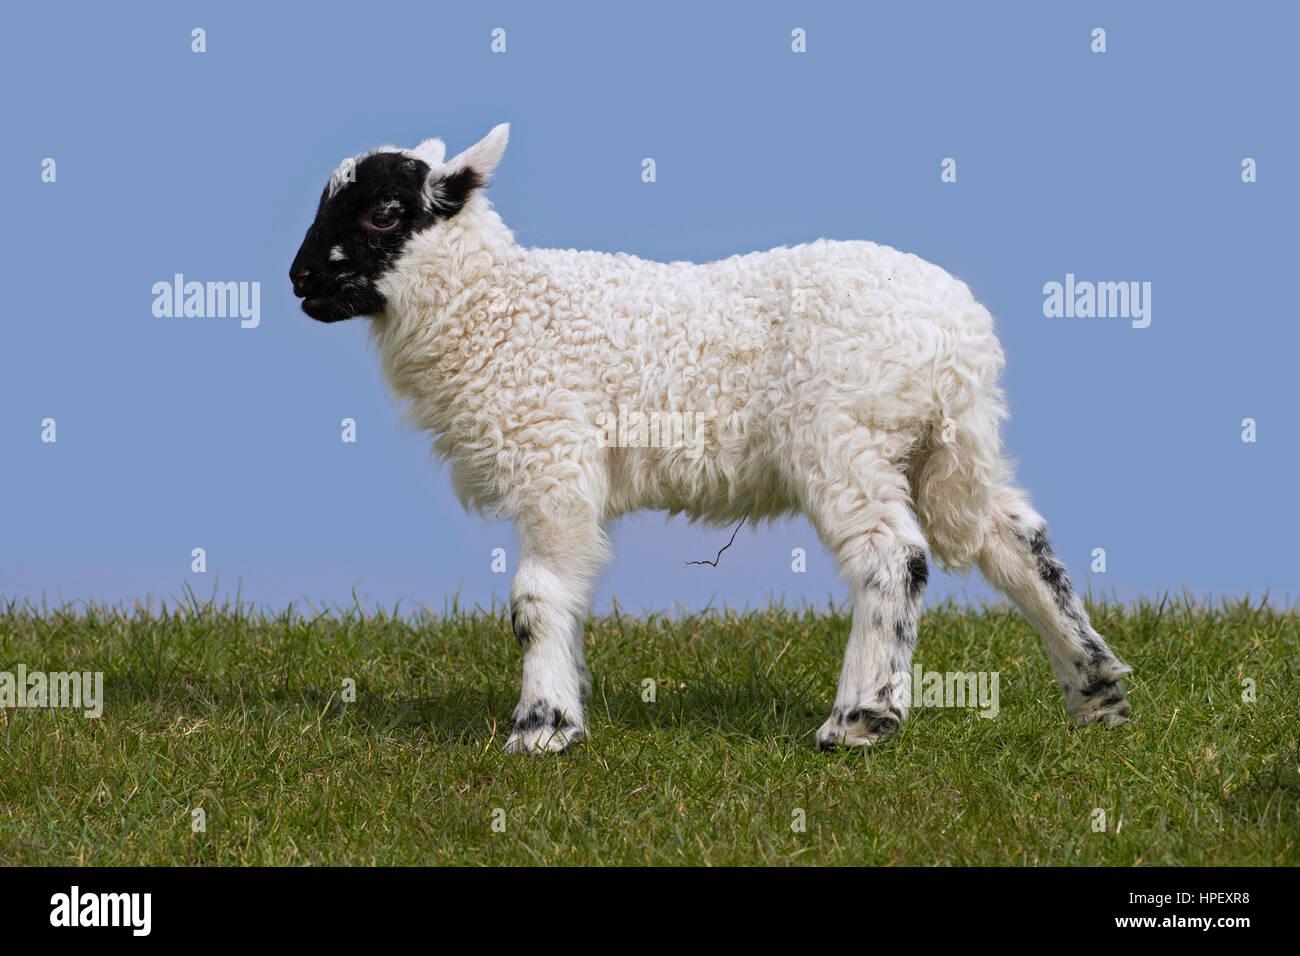 Schwarz / weiß Hausschafe Lamm auf Wiese, Nordfriesland, Schleswig-Holstein, Deutschland Stockfoto